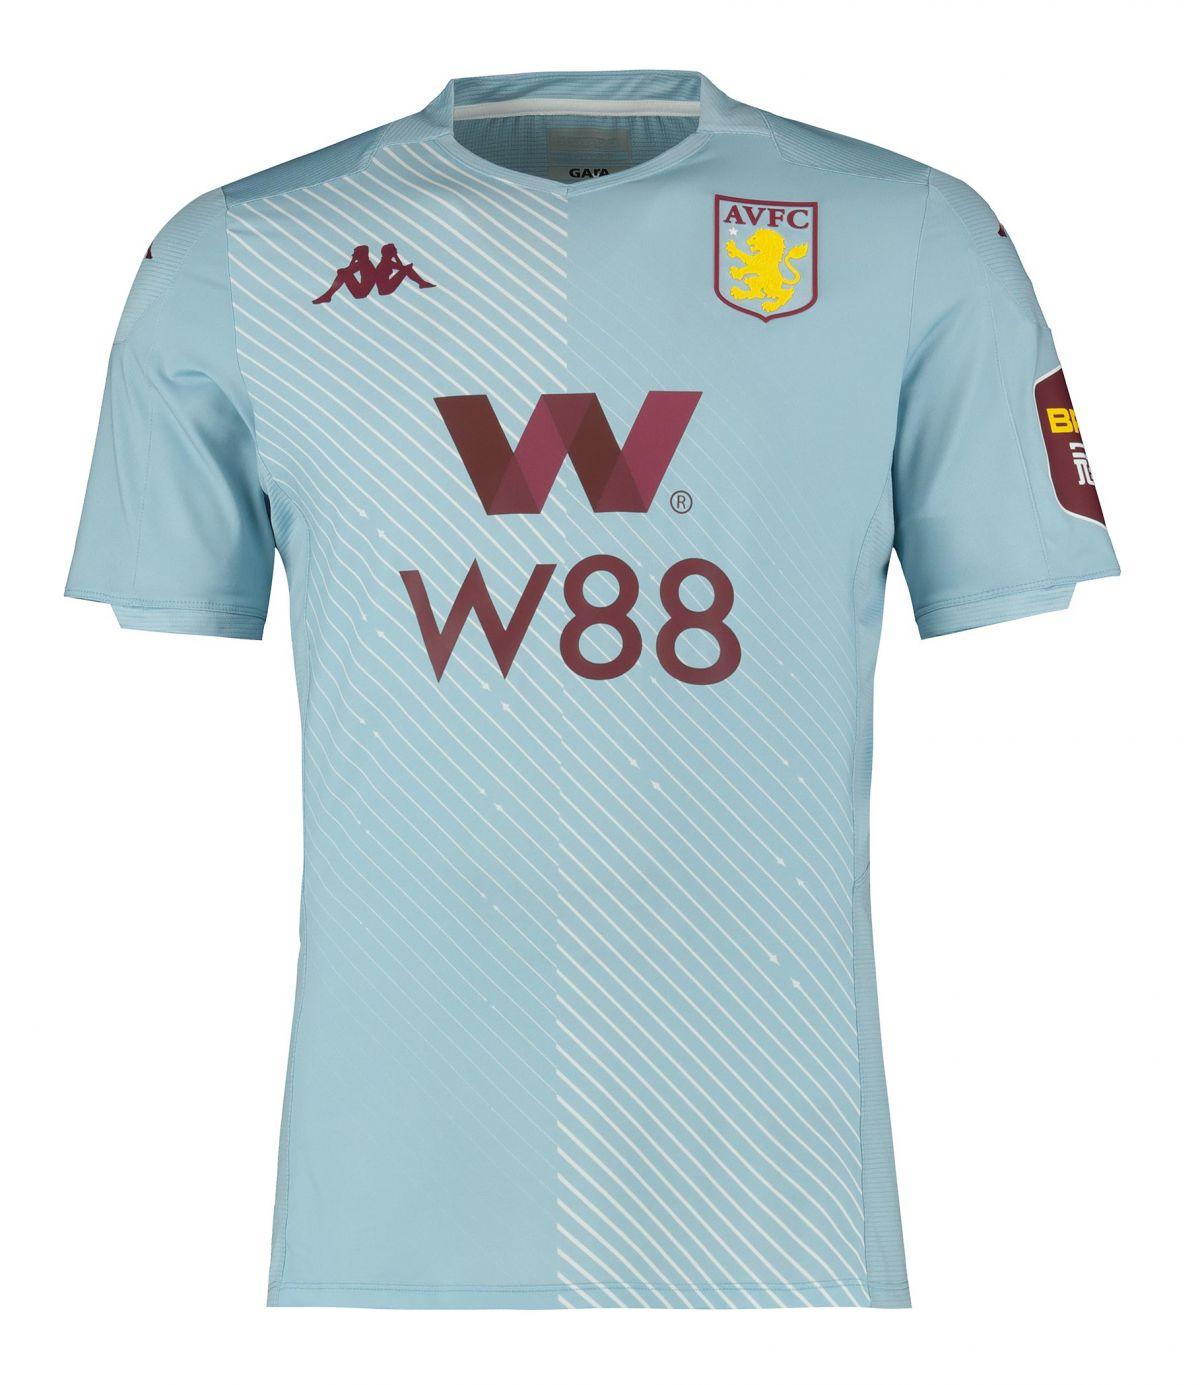 Aston Villa 2019 20 Away Kit